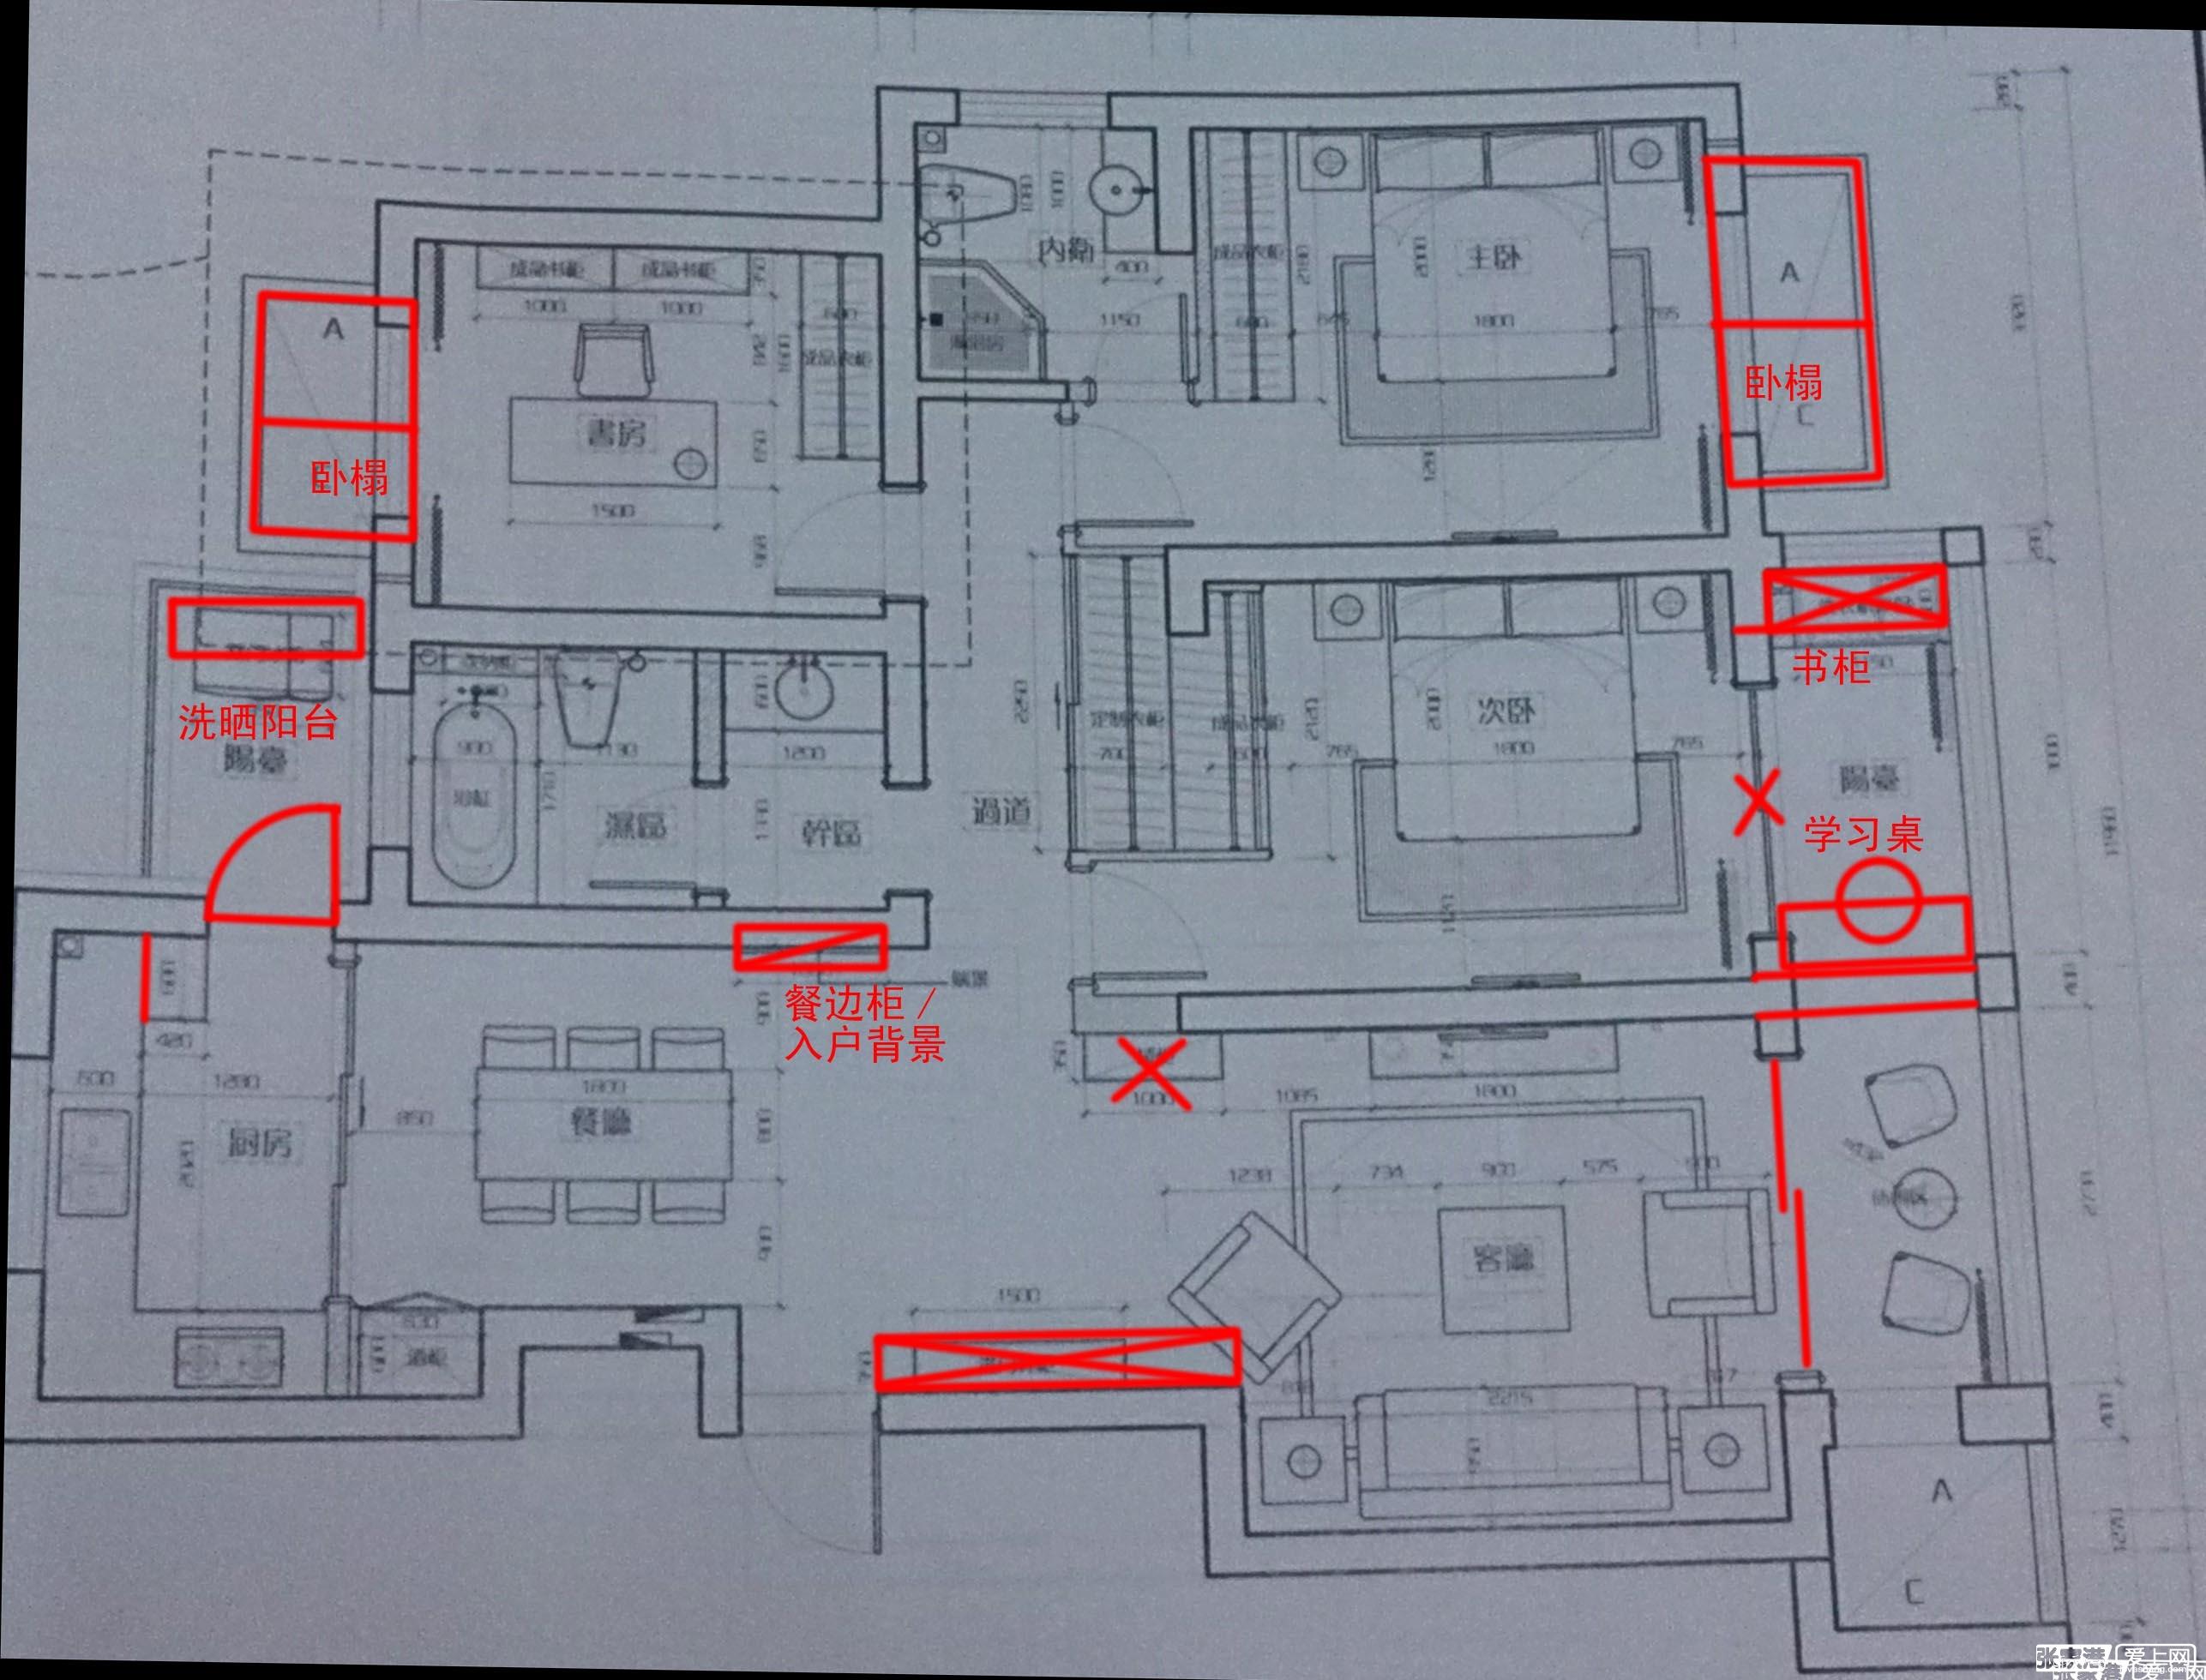 新房子电路设计图_新房子电路设计图分享展示